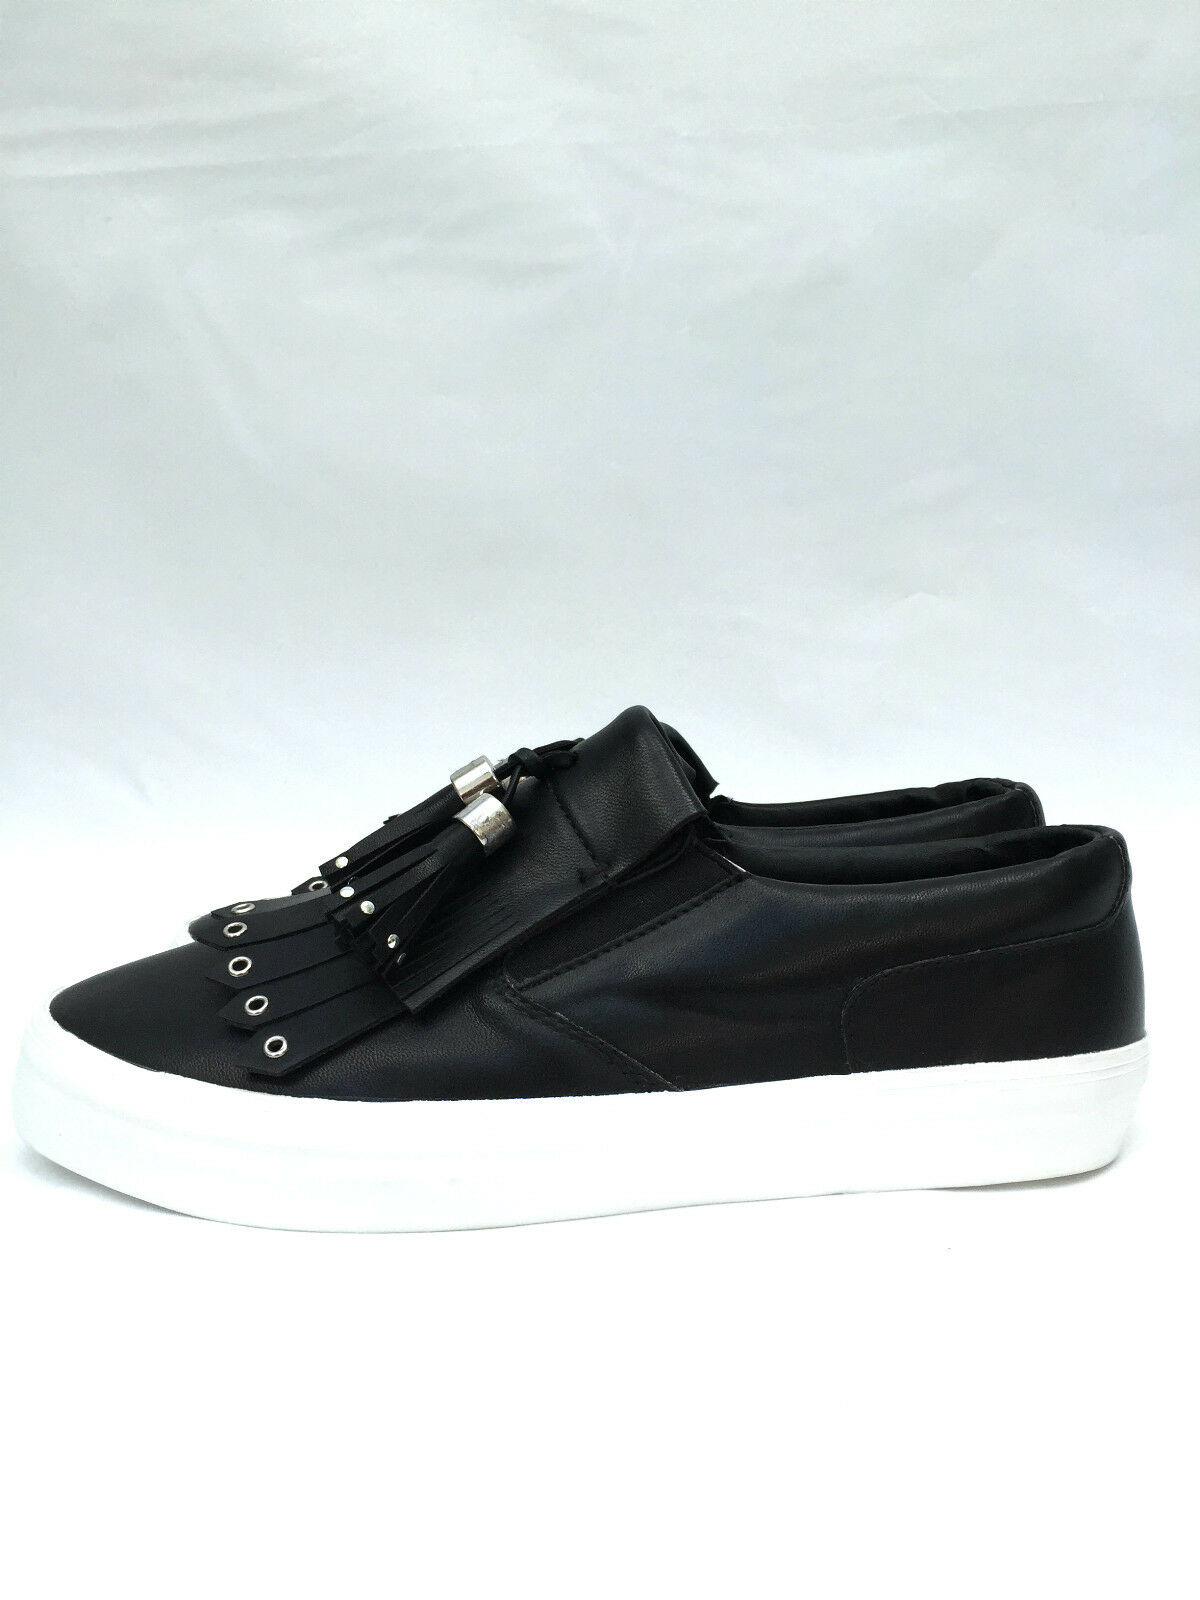 ZARA BLACK FRINGED FLAT Schuhe SIZE UK7 EUR40 US9